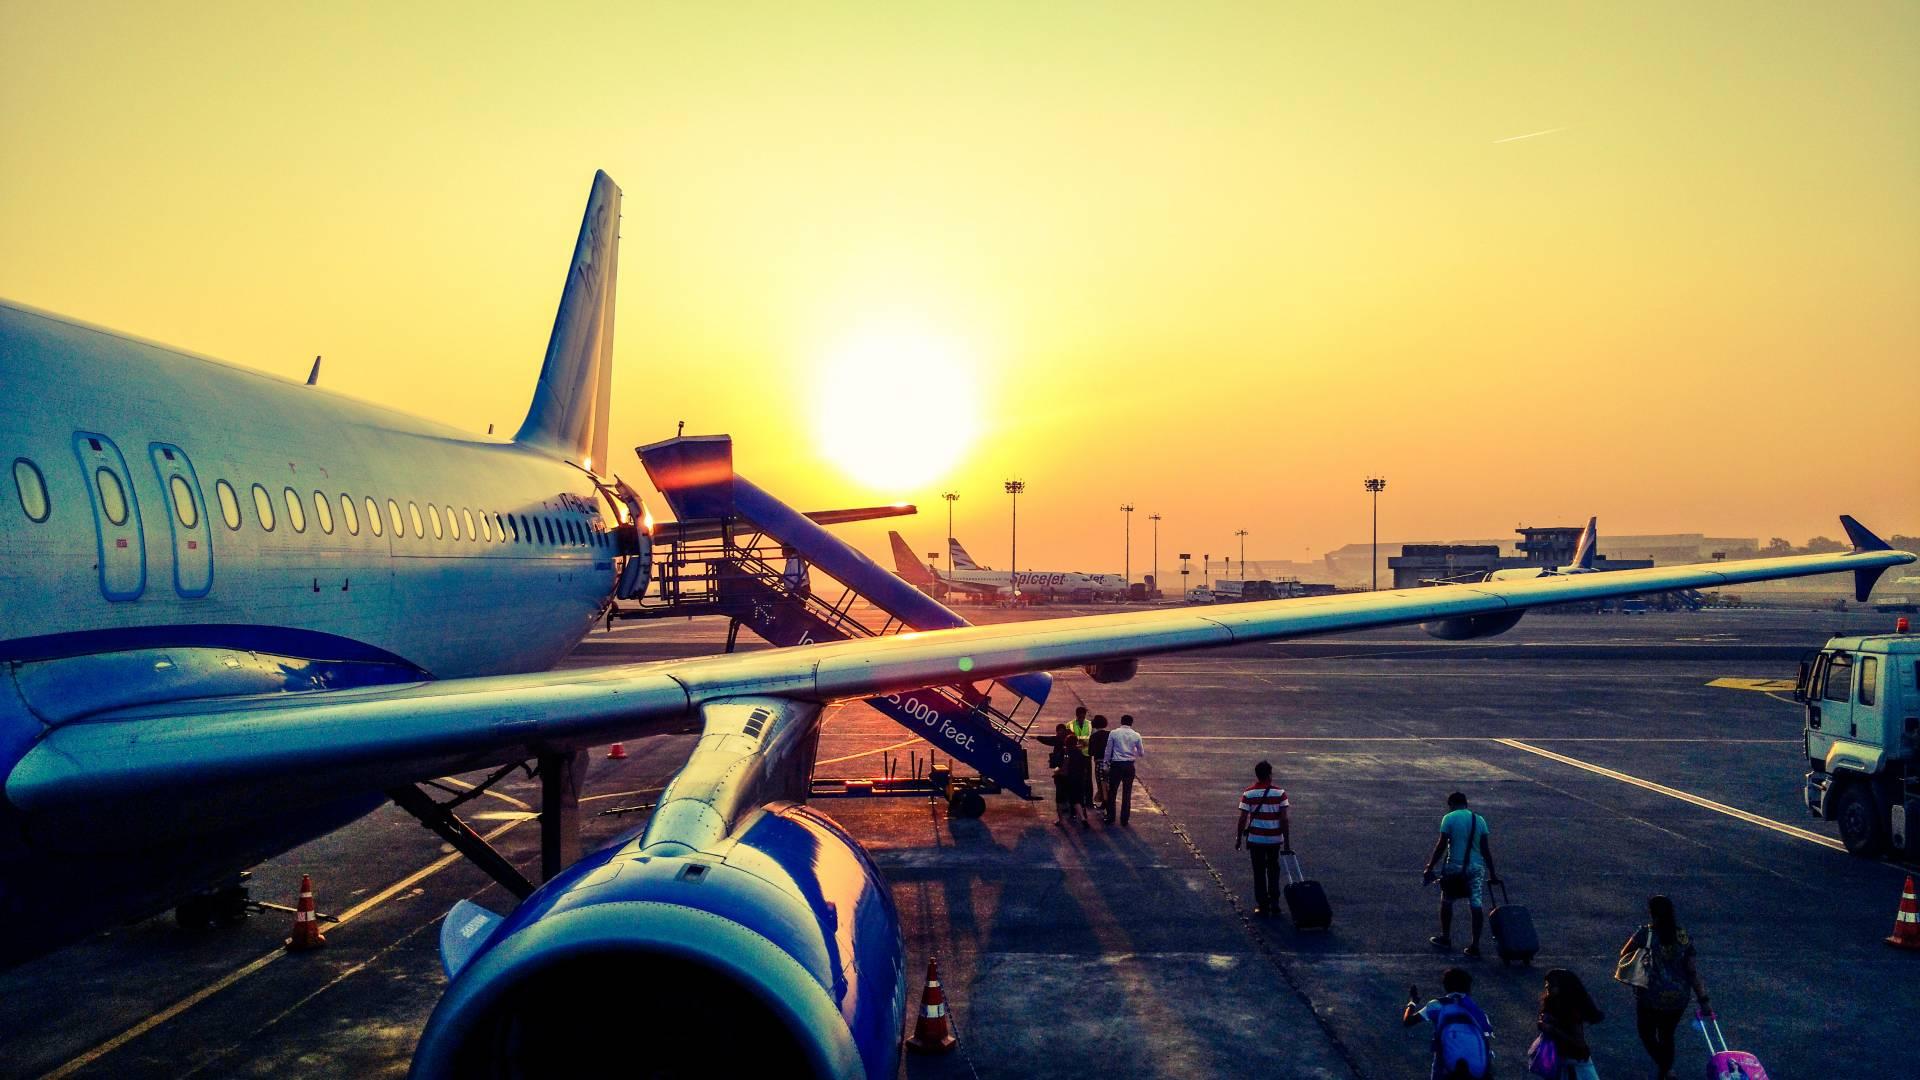 Россия возобновила международное авиасообщение с Турцией, Великобританией, Абхазией и Танзанией